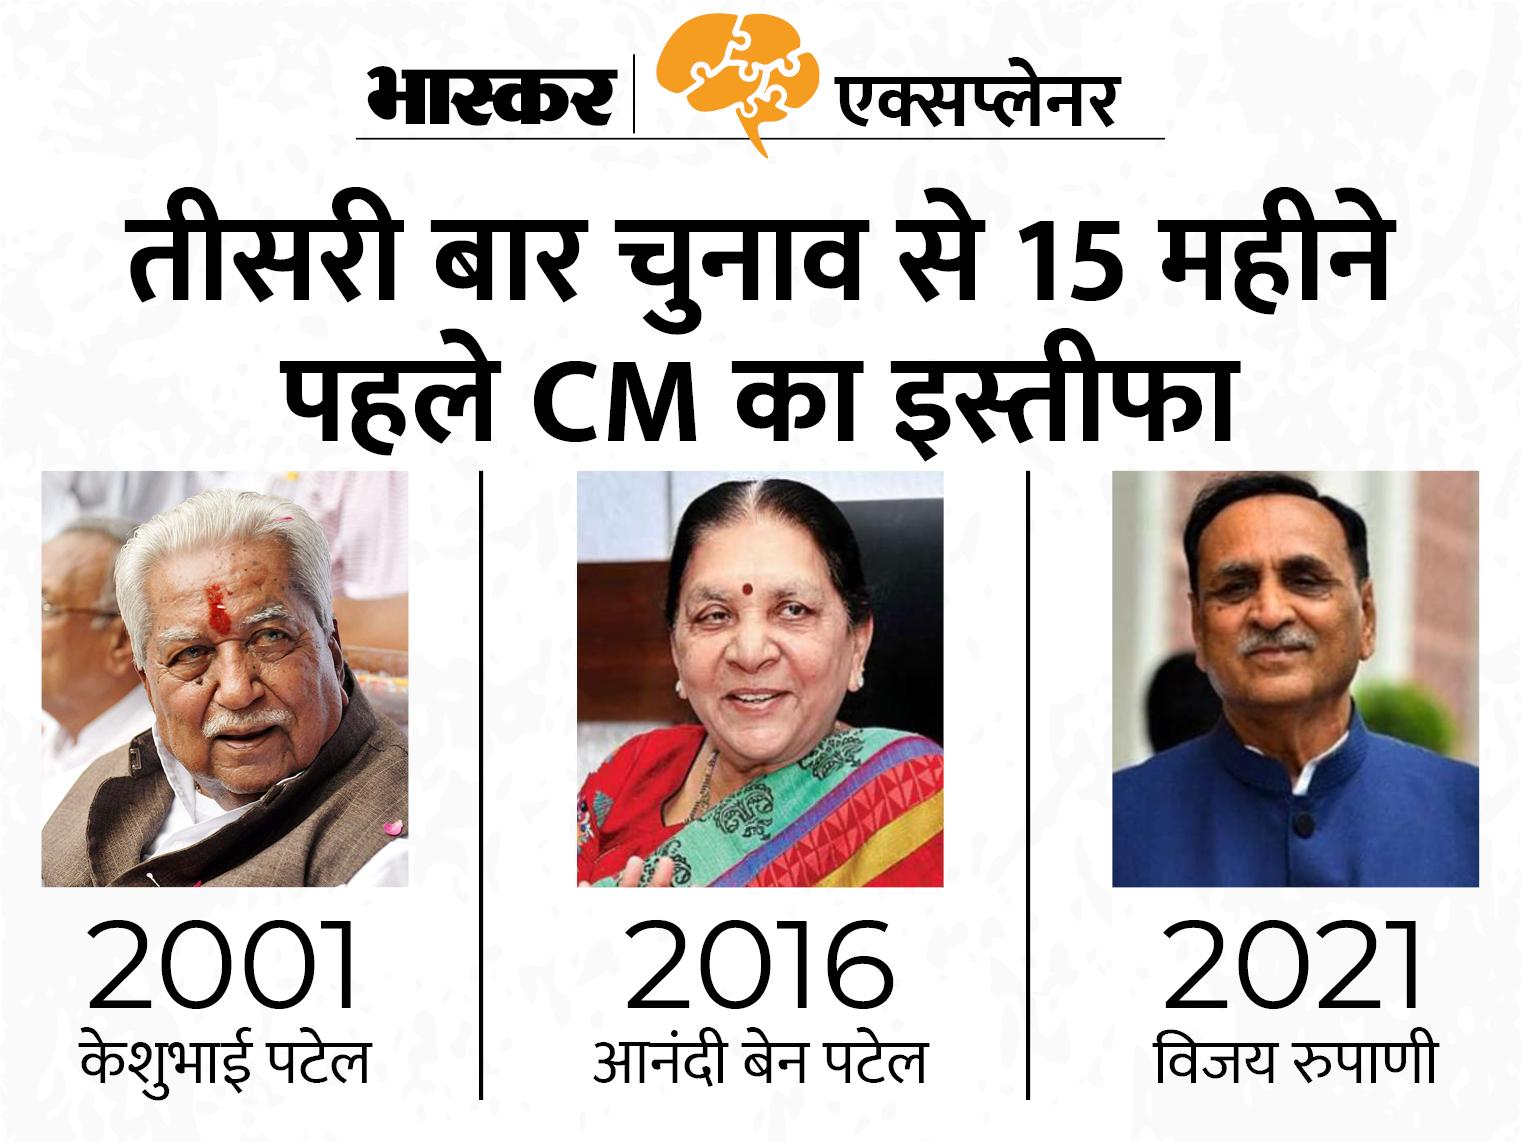 गुजरात में मोदी के अलावा भाजपा का कोई मुख्यमंत्री 5 साल का कार्यकाल पूरा नहीं कर सका, चुनाव से पहले CM क्यों बदल देती है भाजपा?|एक्सप्लेनर,Explainer - Dainik Bhaskar